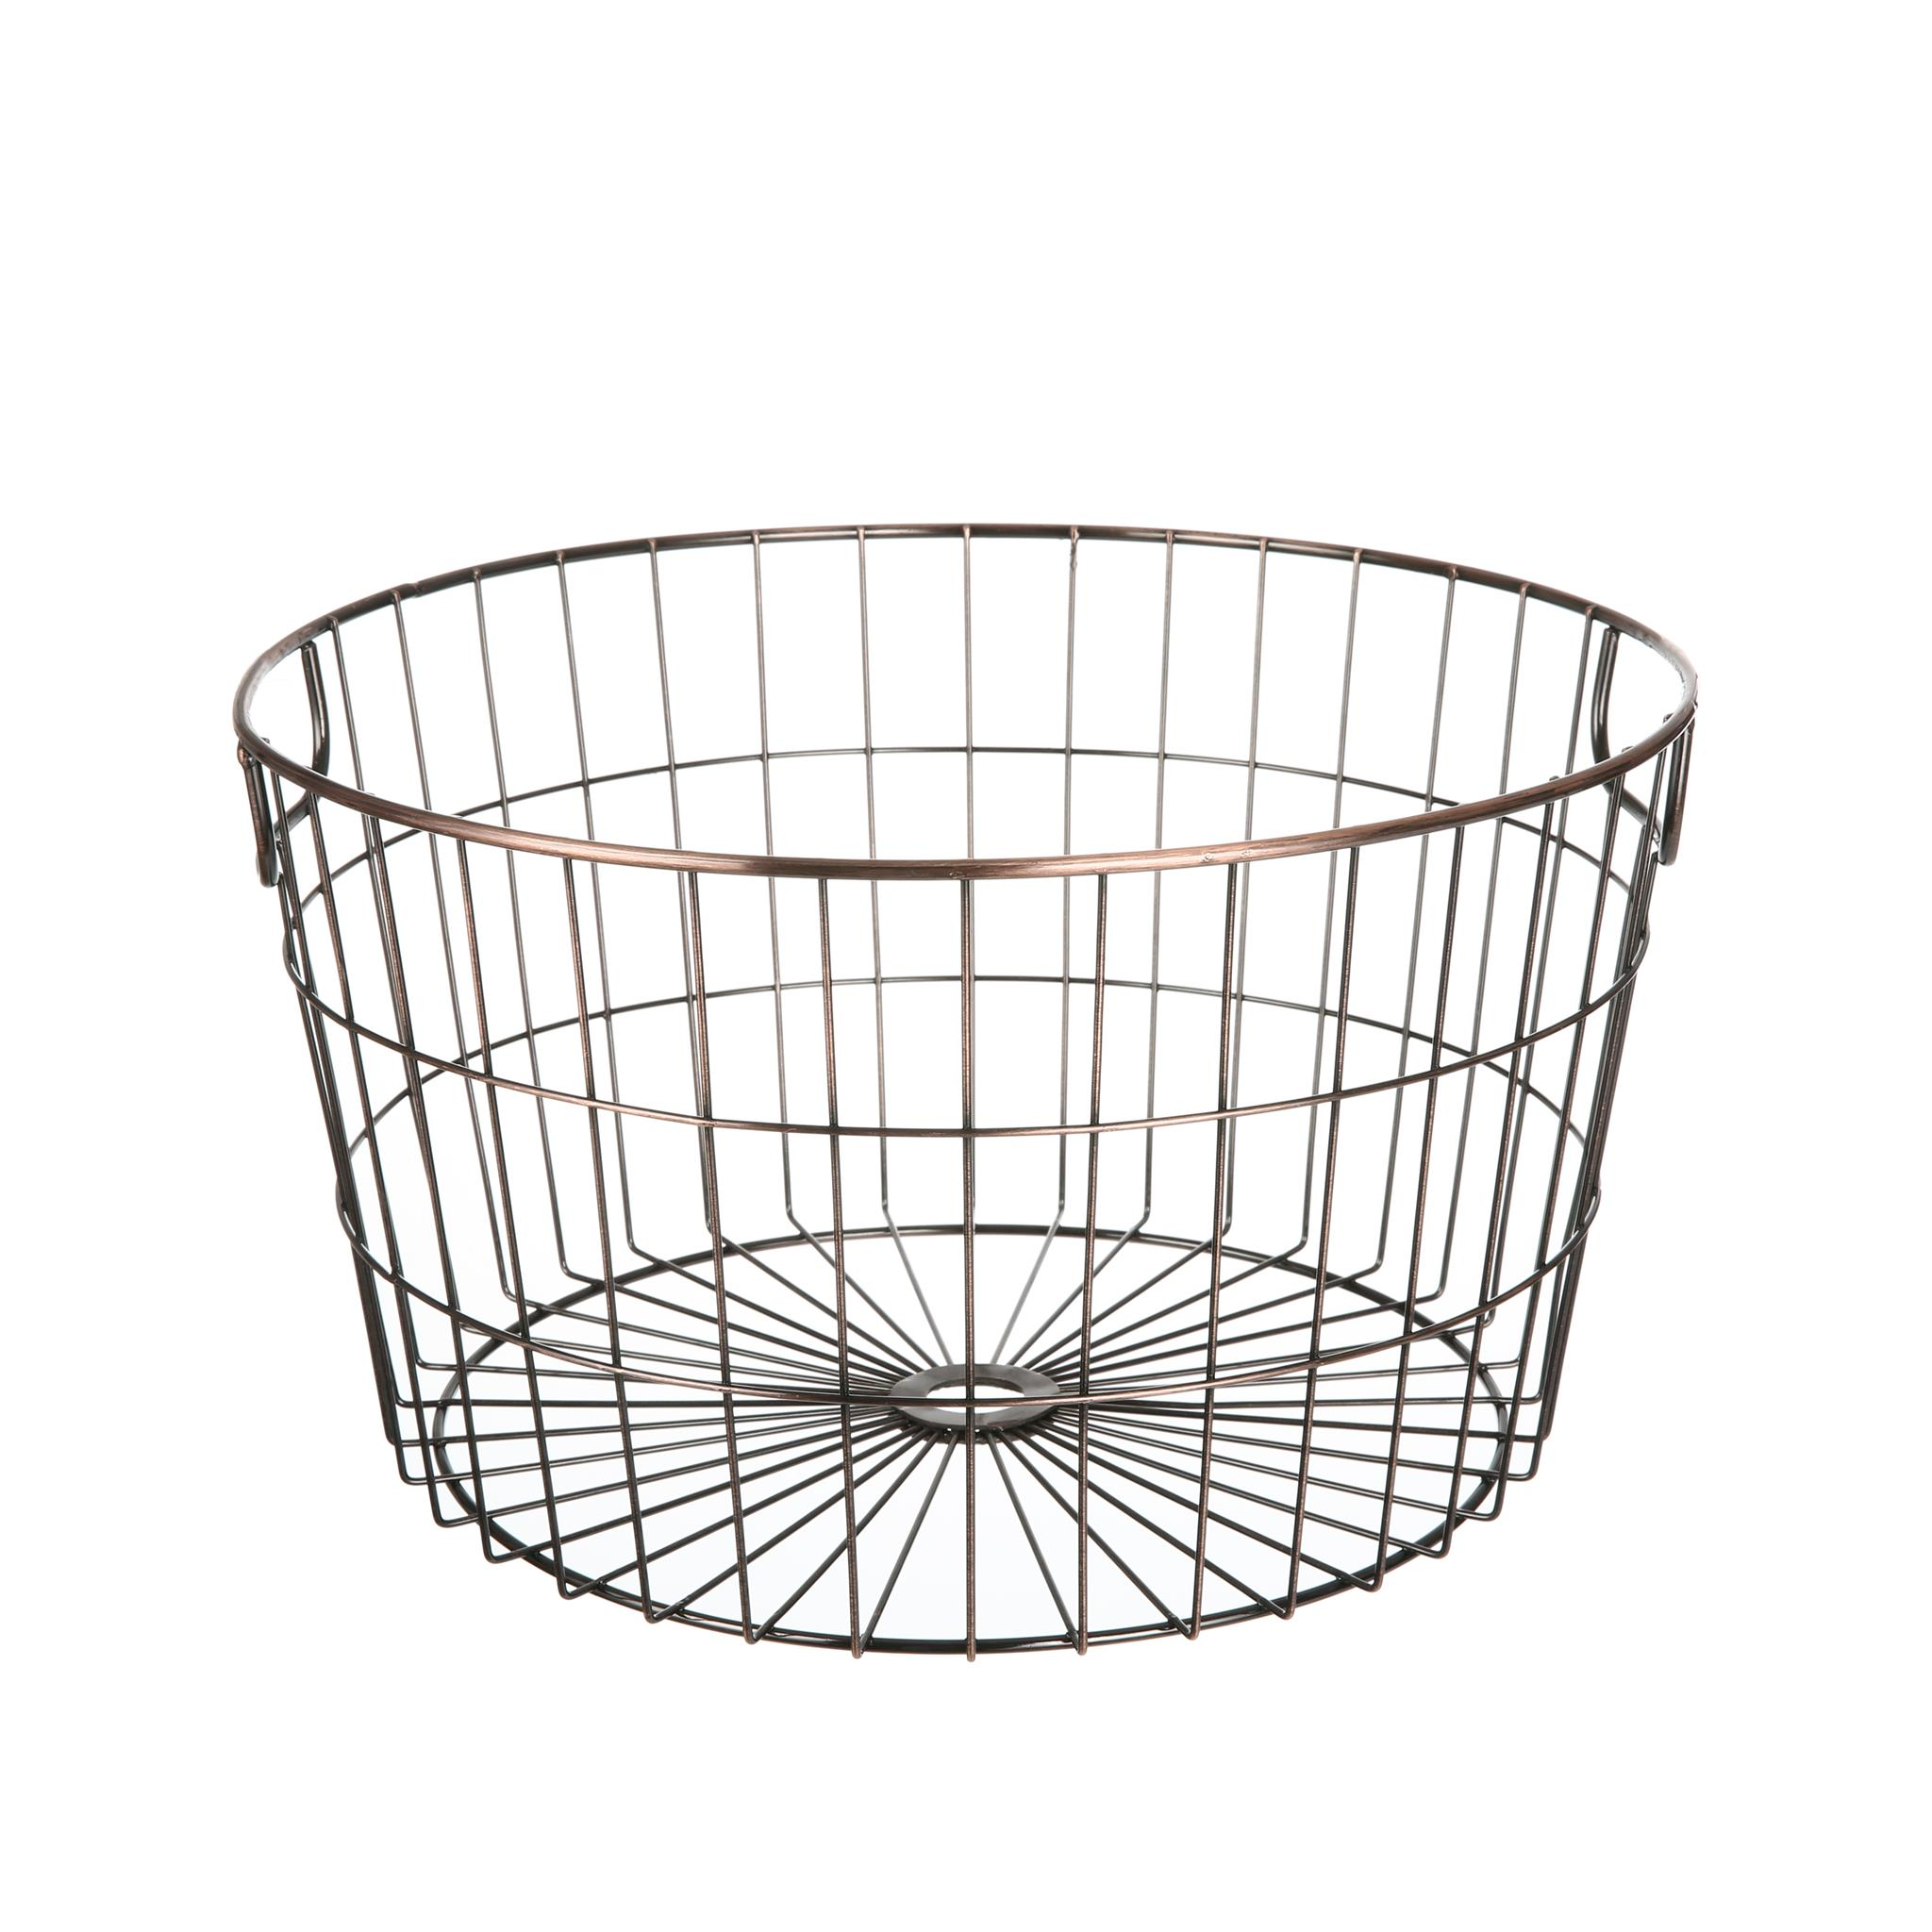 Mainstays Round Wire Basket Brass Walmart Inventory